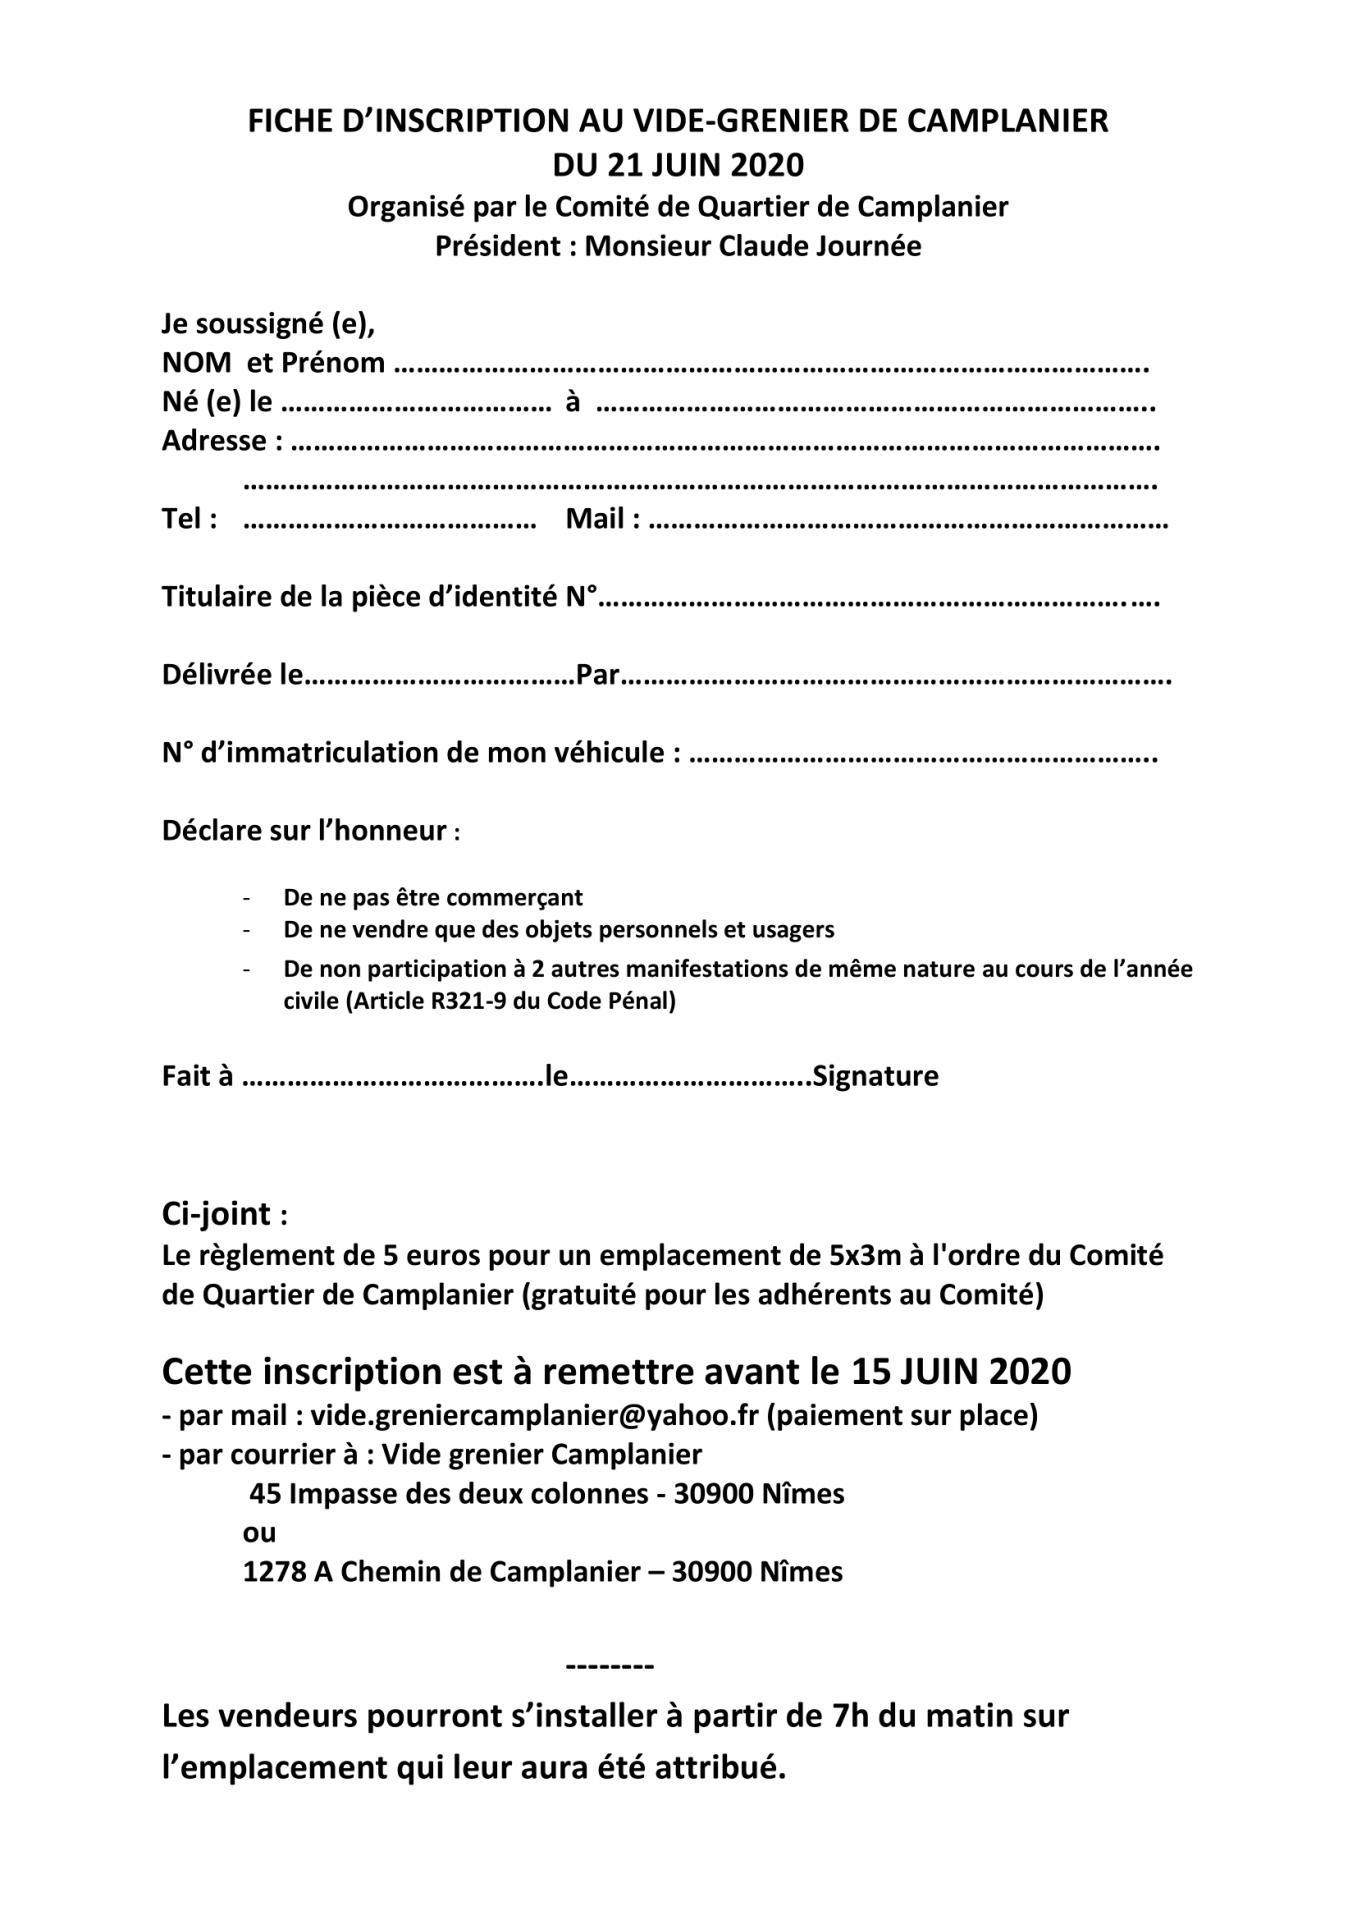 Fiche inscription 2020 1